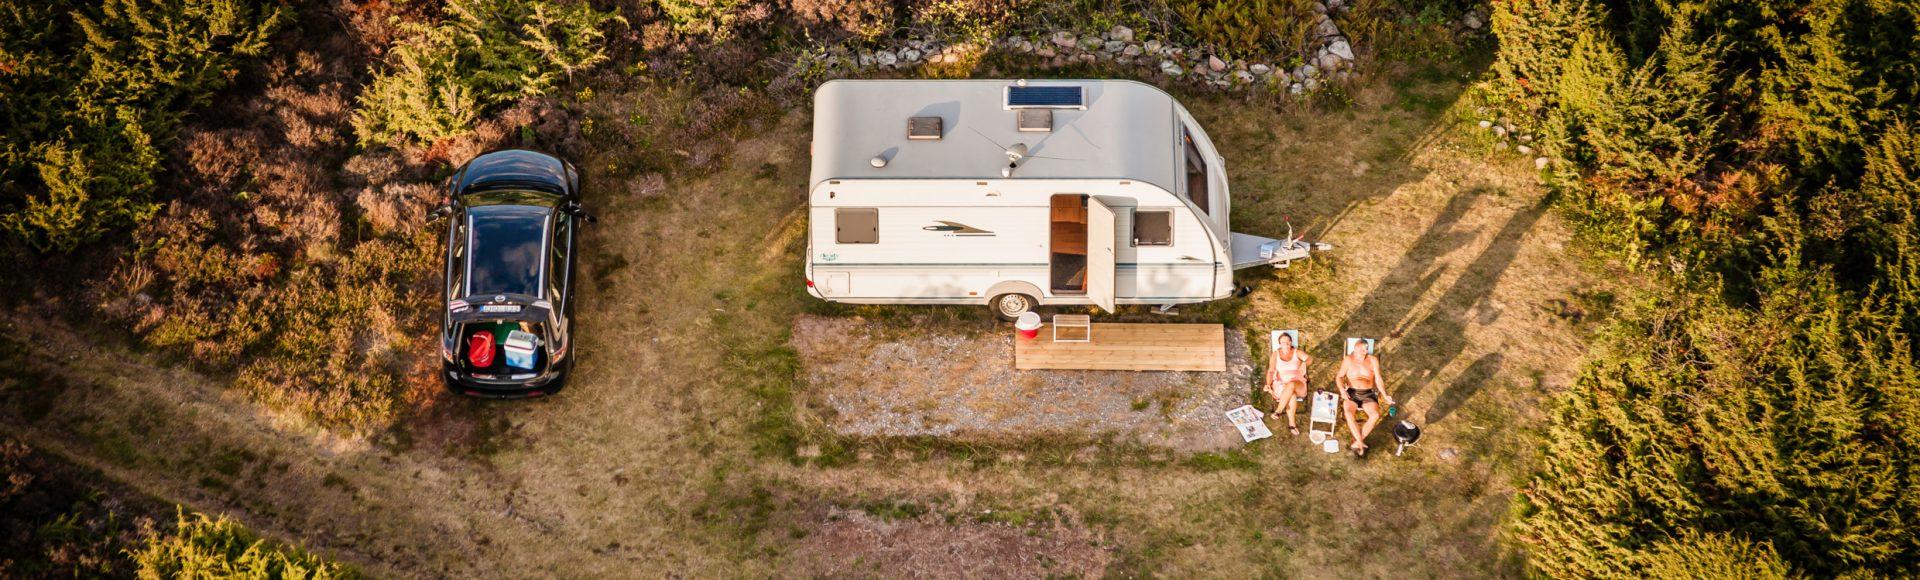 Regels voor reizen en overnachten met een caravan of camper in Zweden